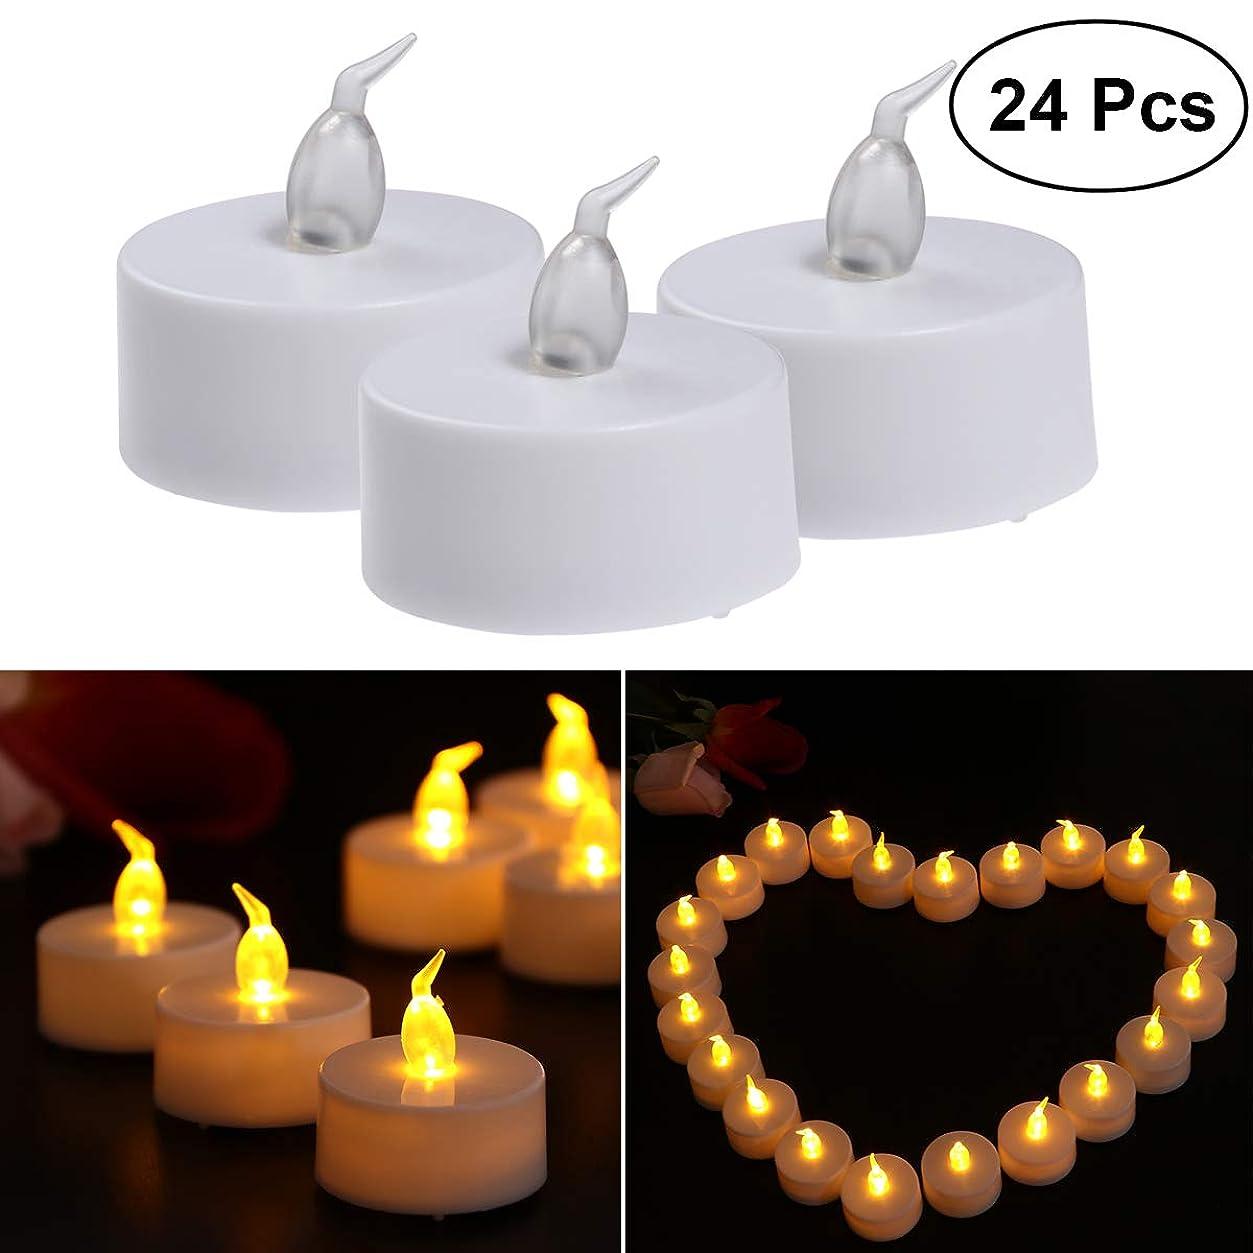 モートマラウイ確かにVosarea キャンドル ライト LED キャンドルを点灯 電池で動作 プラスチック 誕生日 祭り 祝賀 3.8×4.2cm 24ピース(黄色のフラッシュライト)